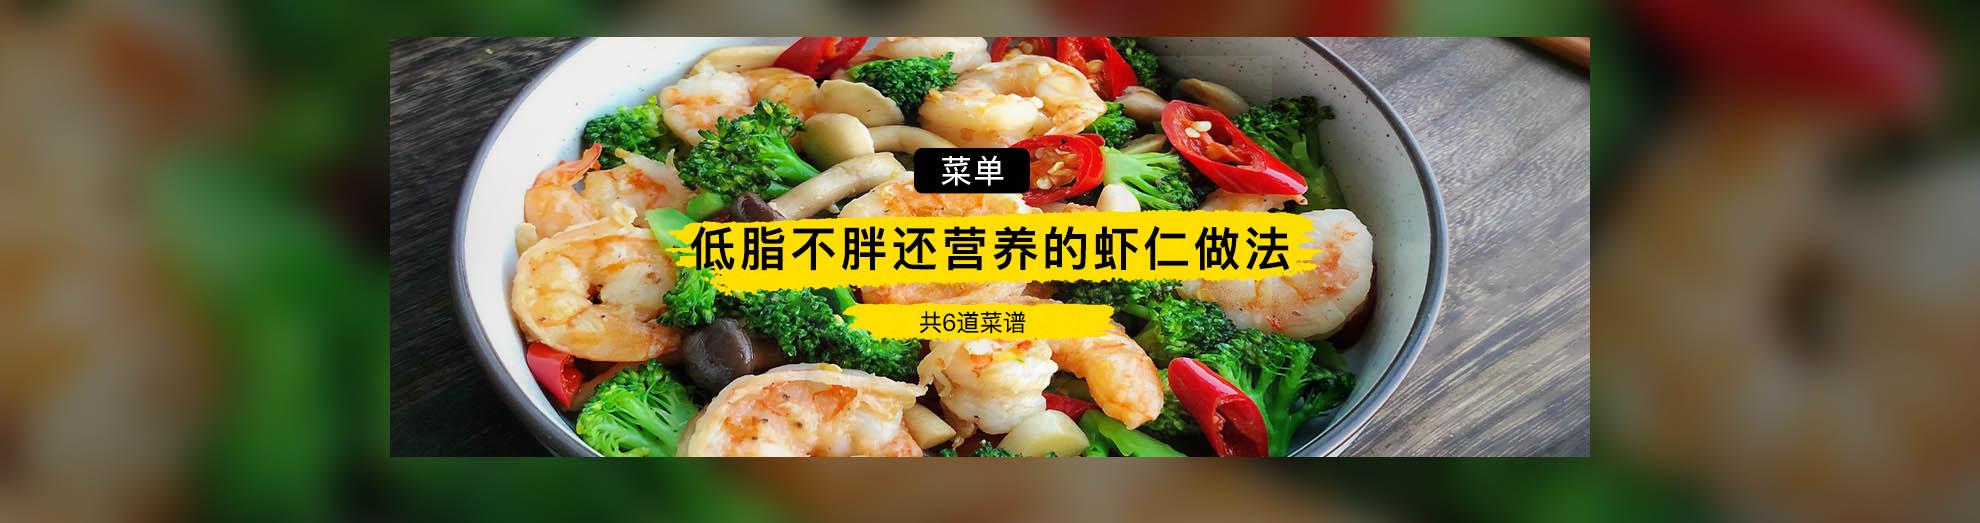 低脂不胖还营养的虾仁做法